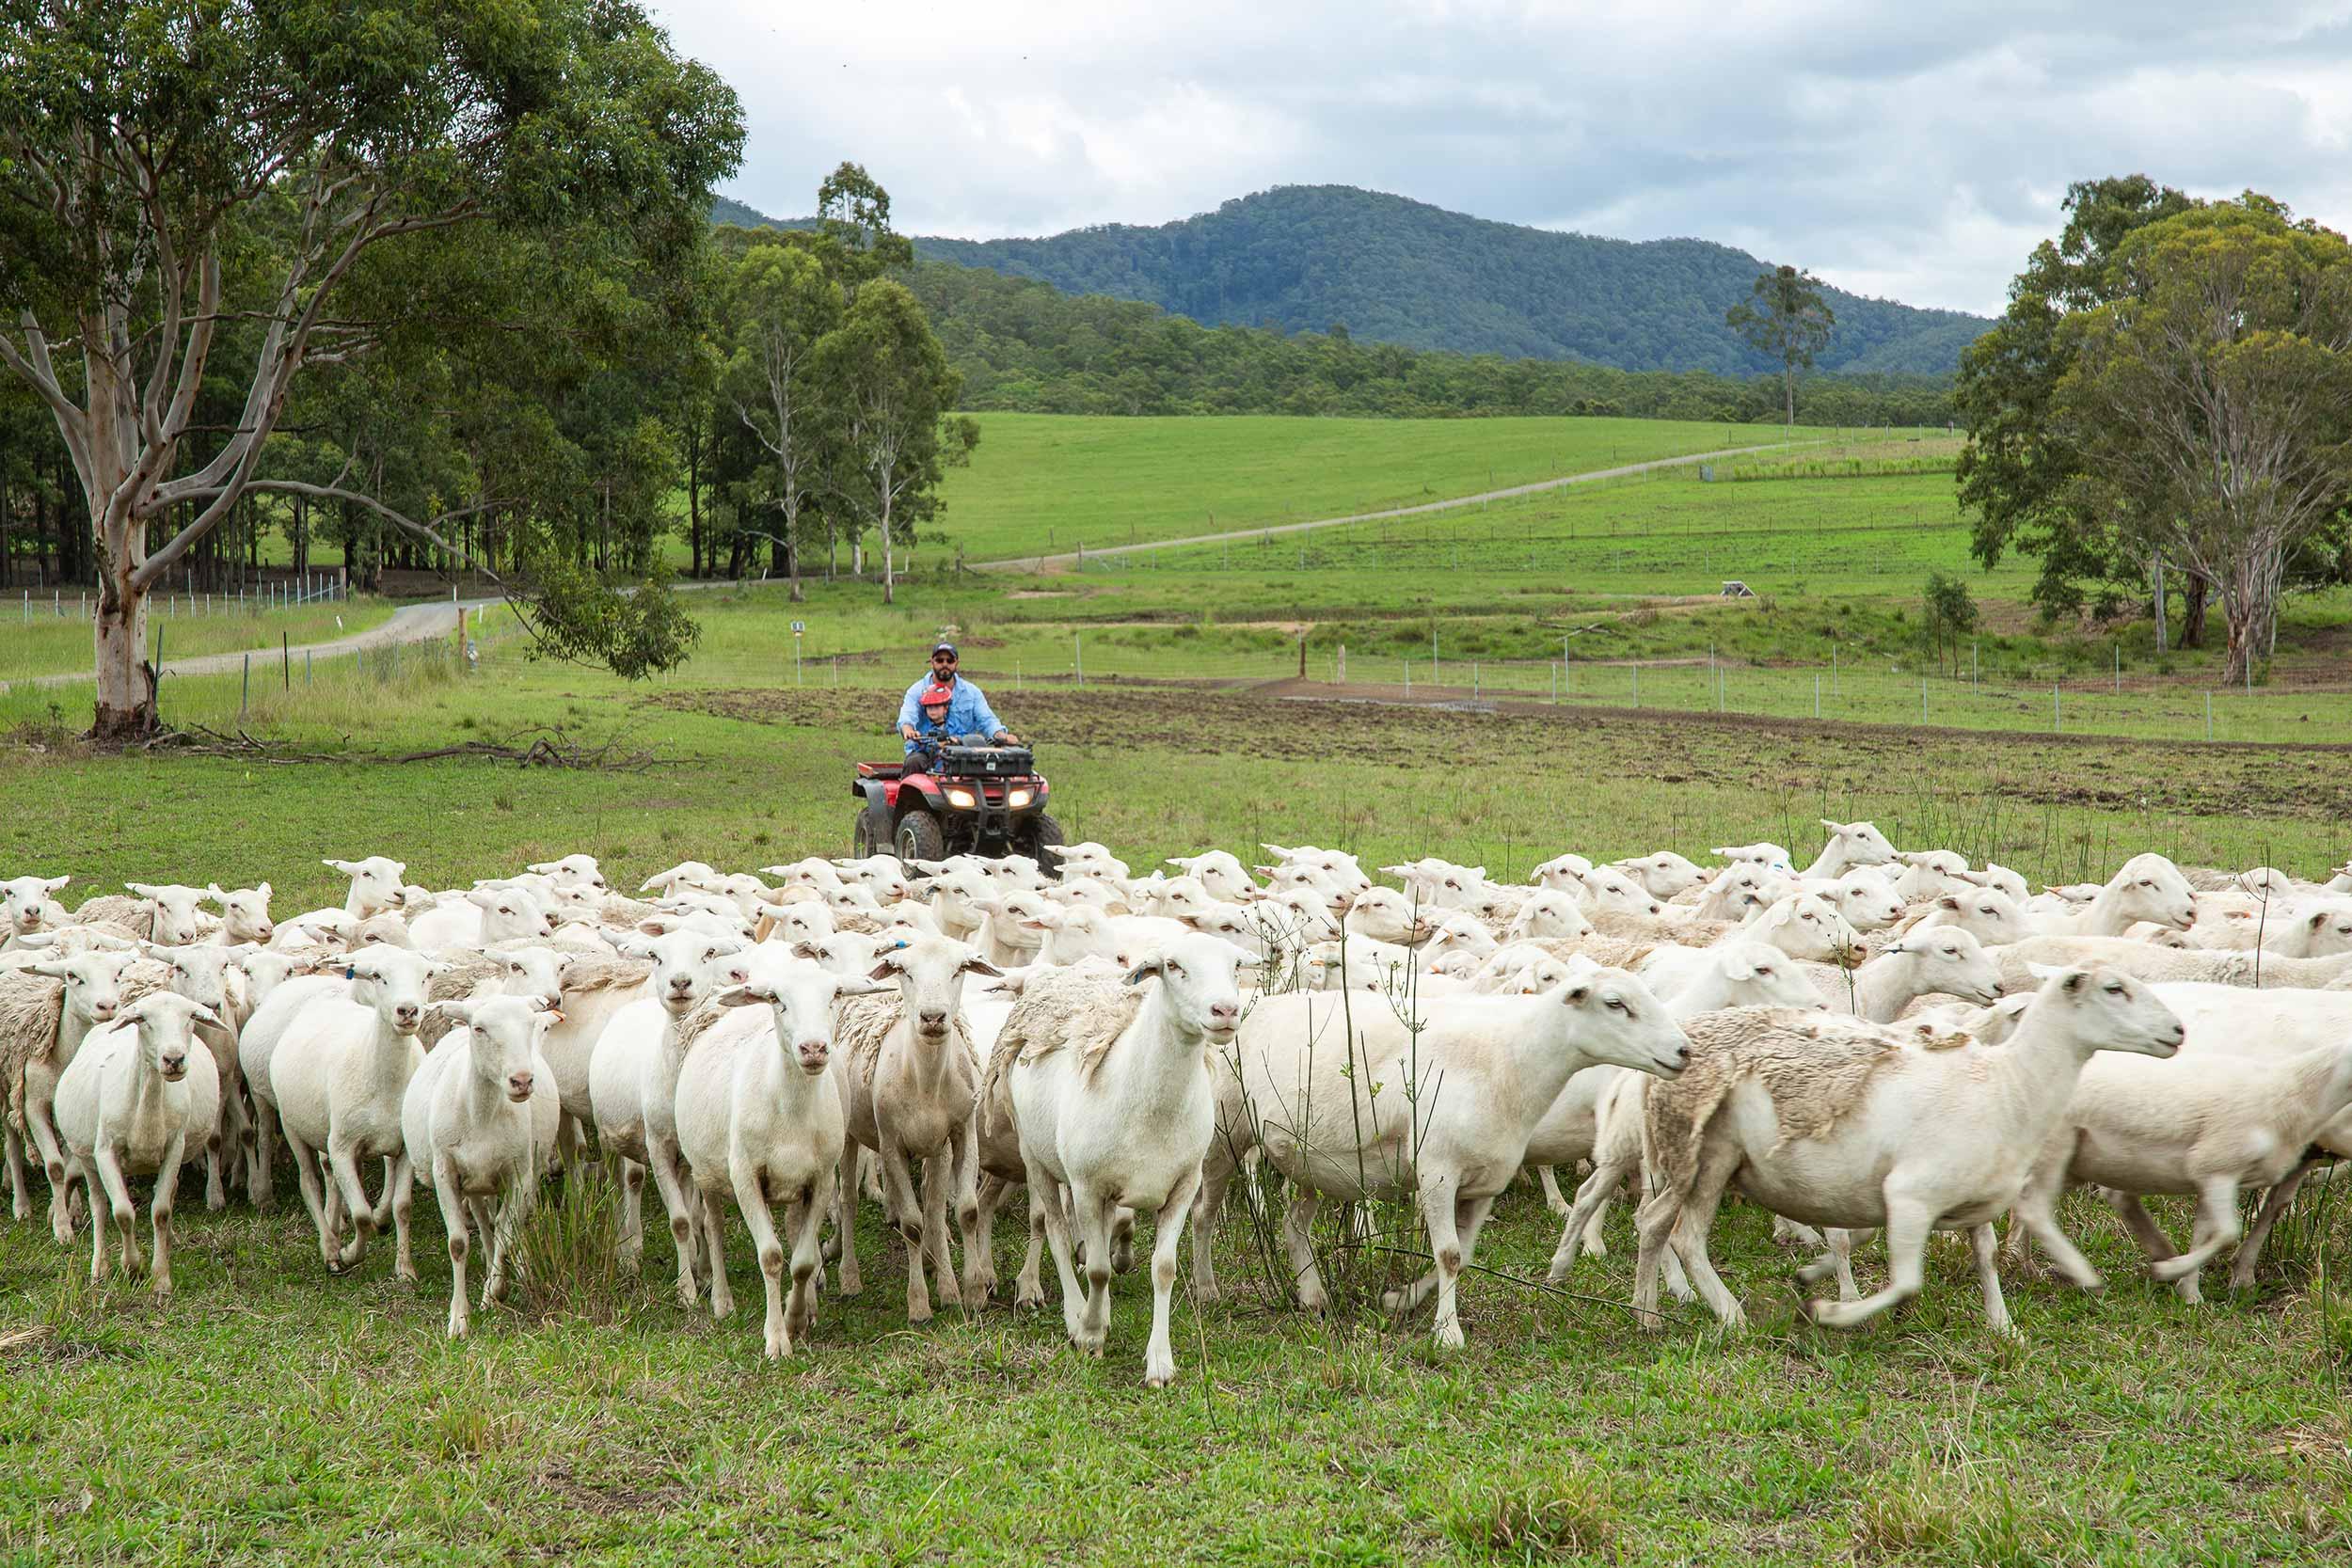 glft-yeo-farm-organic-pasture-raised-lamb (1).jpg